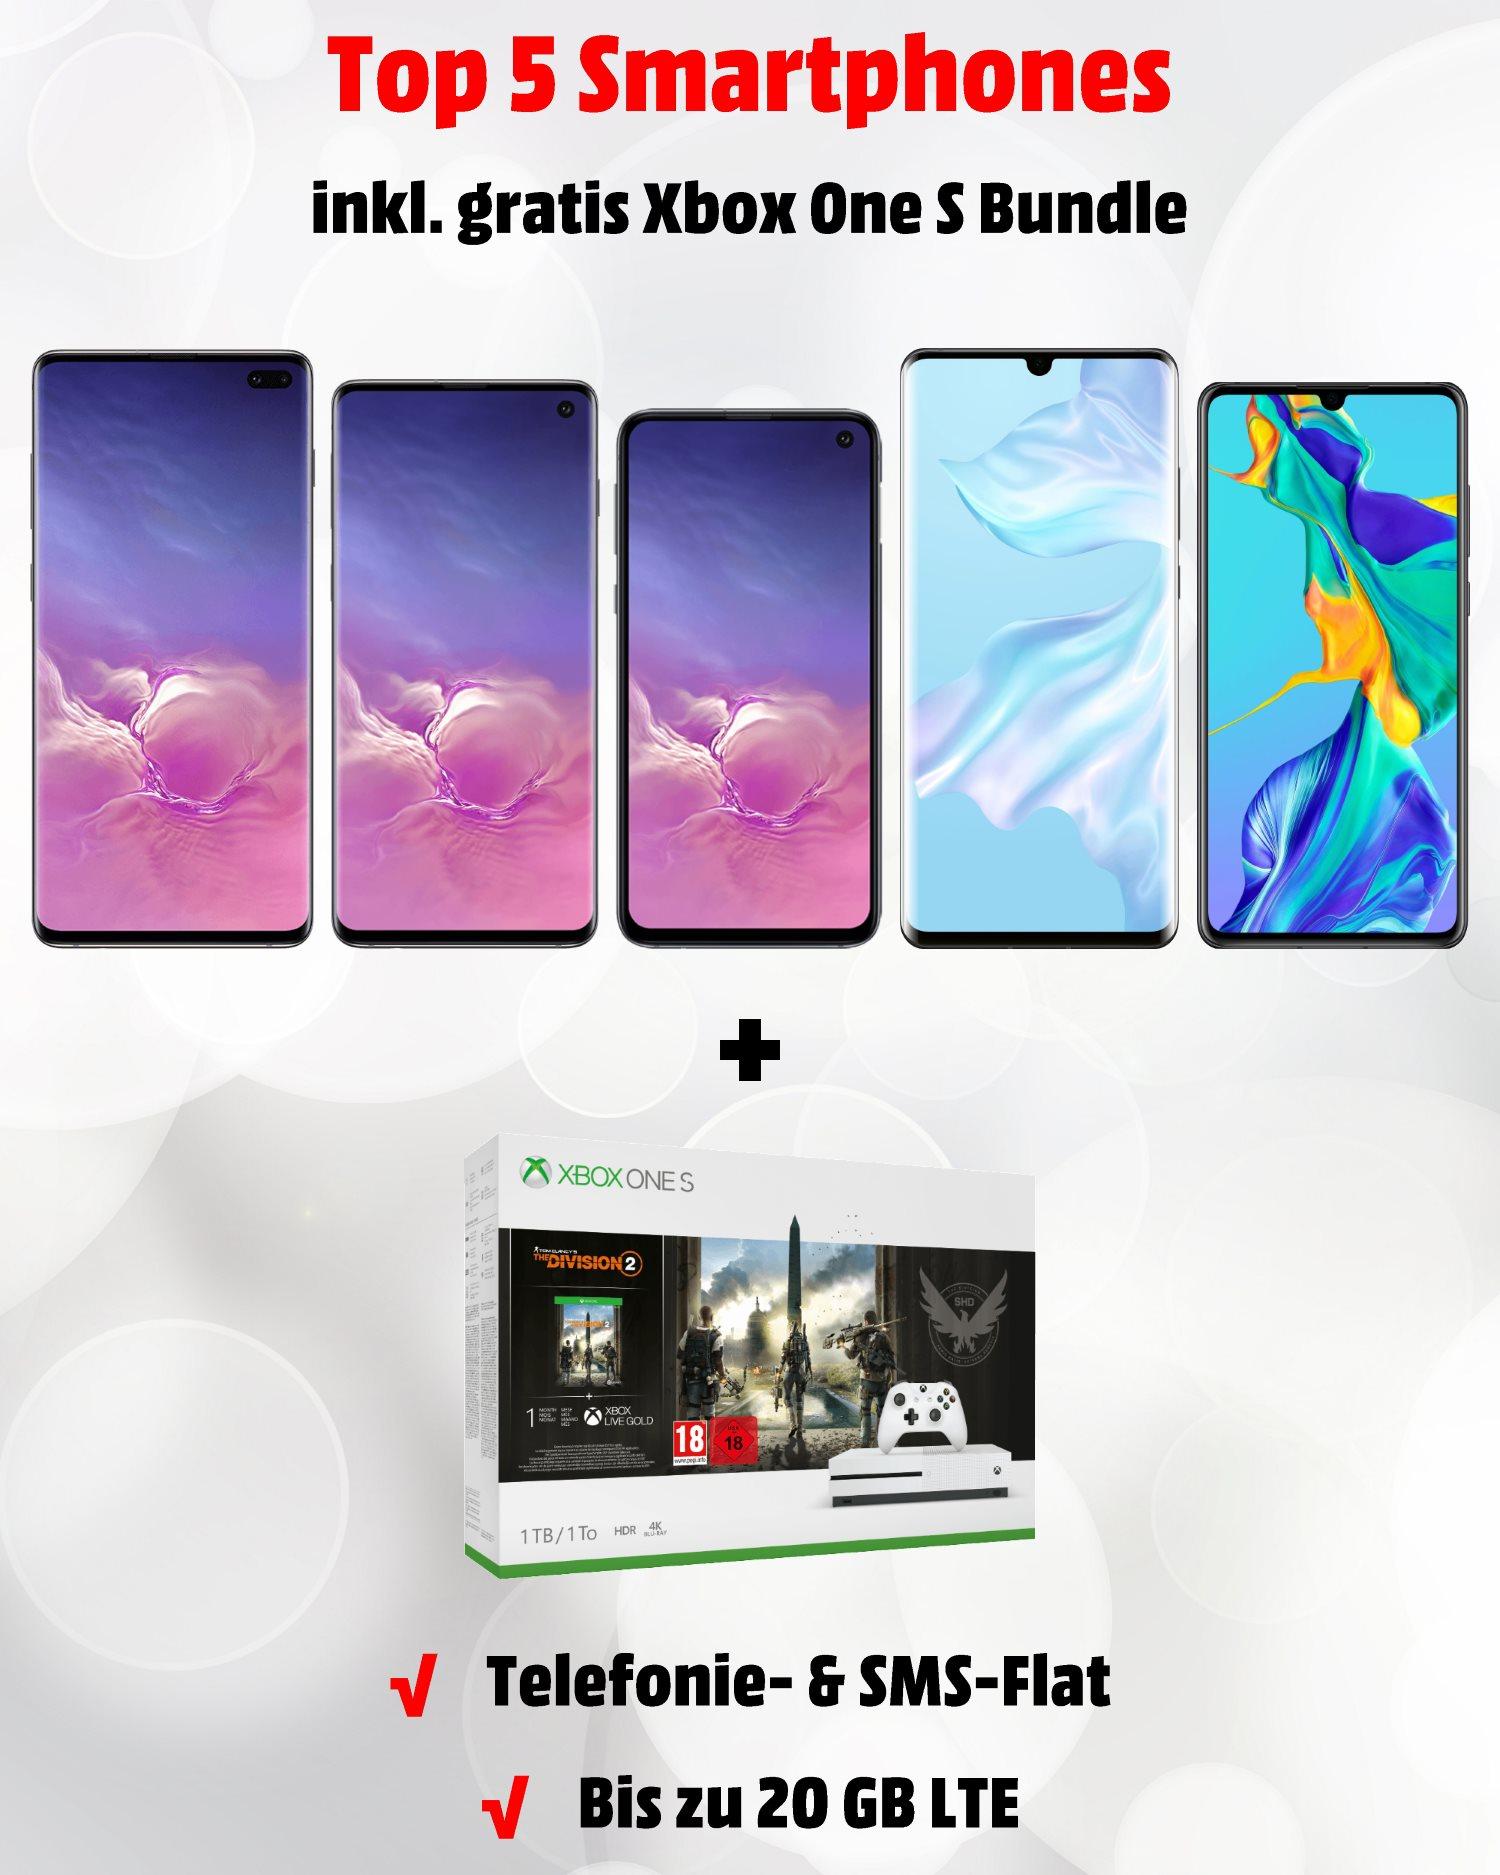 Die besten Handytarife - Samsung Galaxy S10 und Huawei P30 Pro mit Xbox One S Bundle